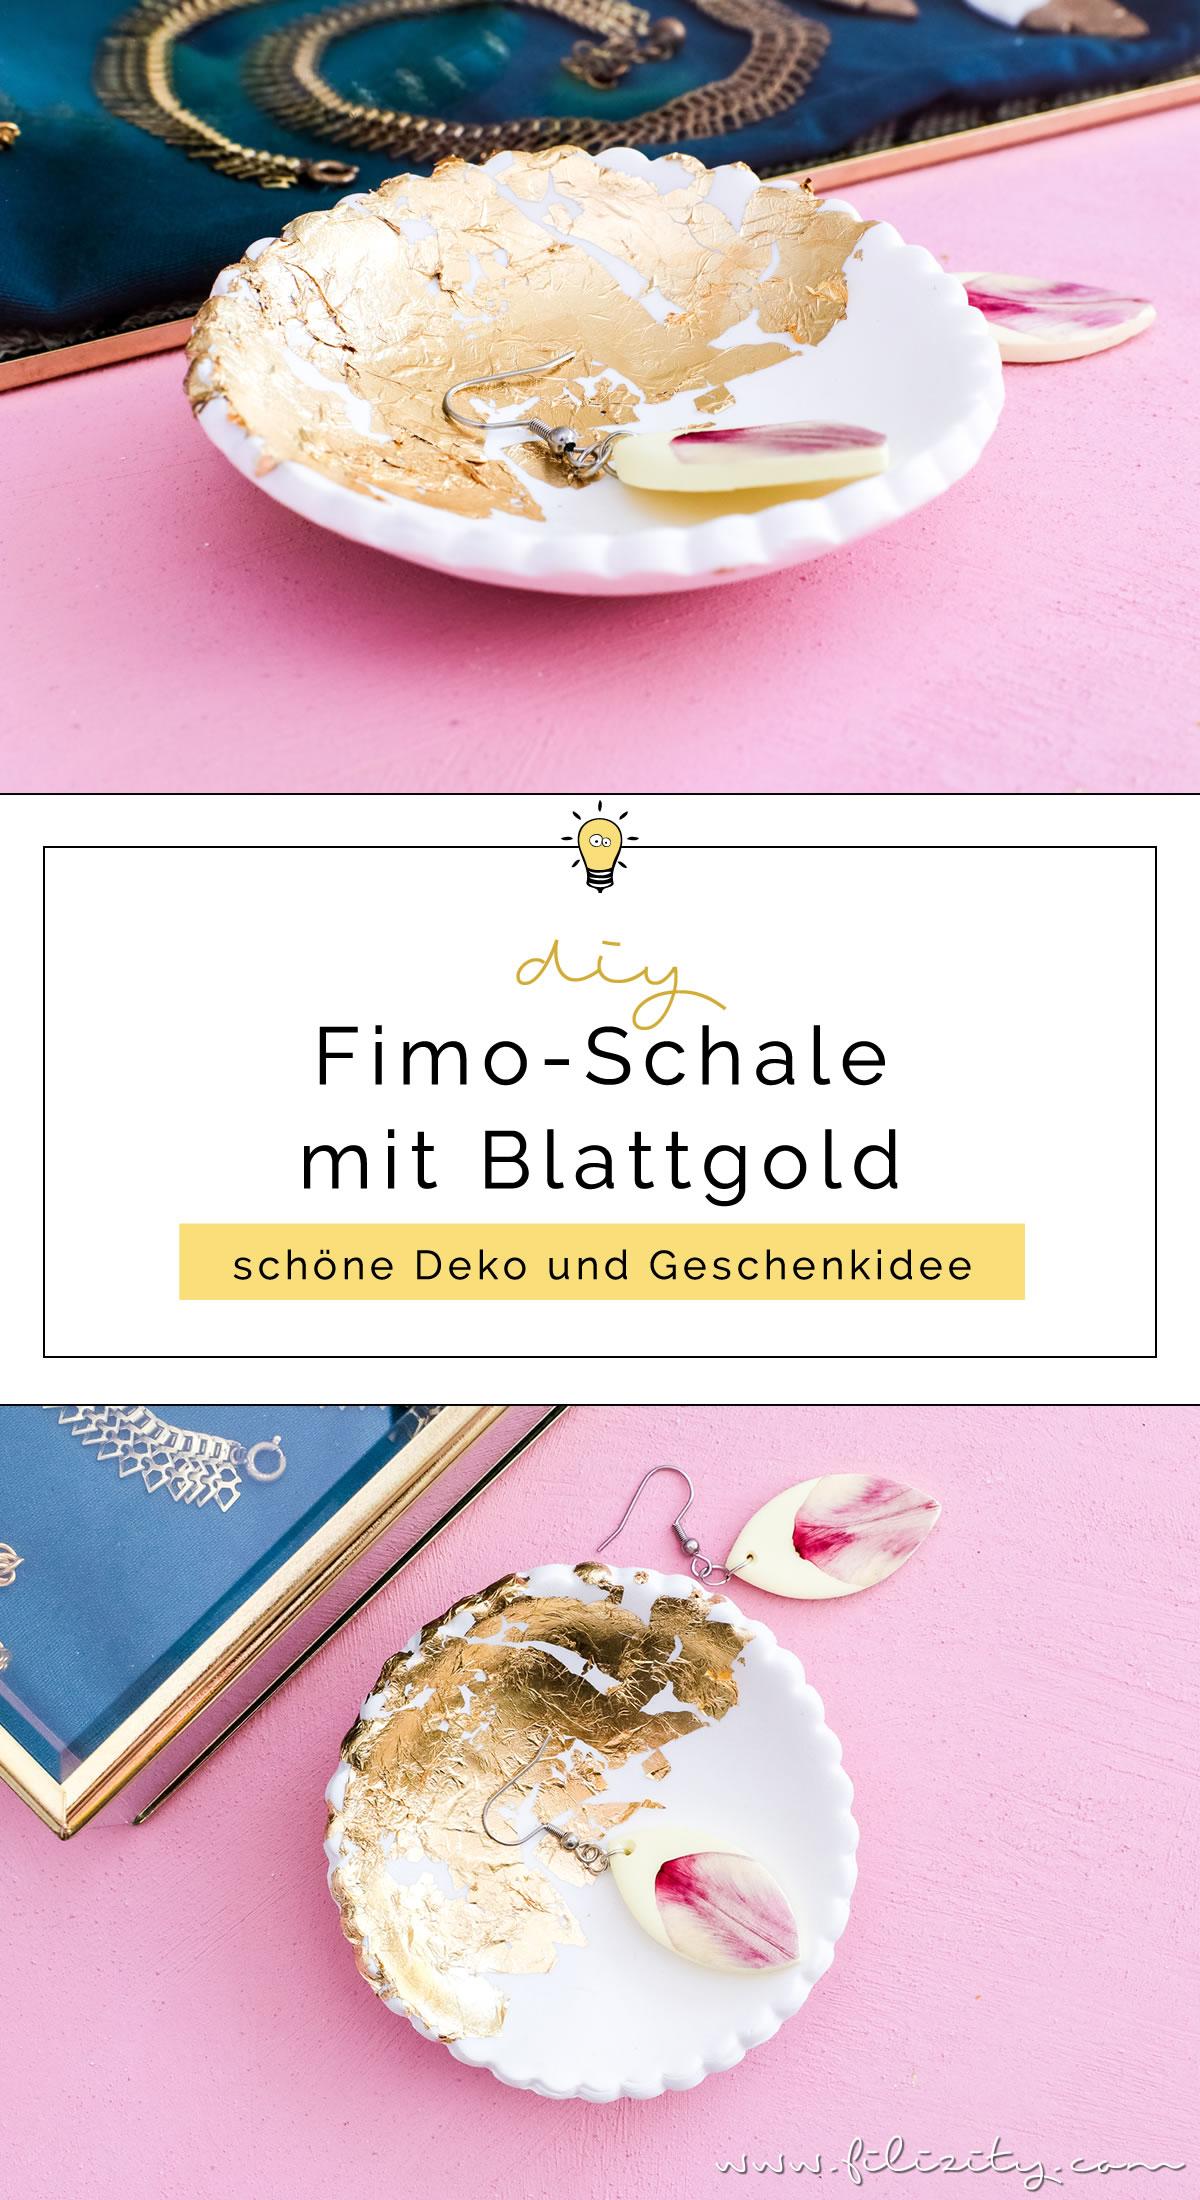 DIY Deko & DIY Geschenkidee : Fimo-Schmuckschale mit Blattgold basteln | Filizity.com | DIY-Blog aus dem Rheinland #myFimo #Fimo